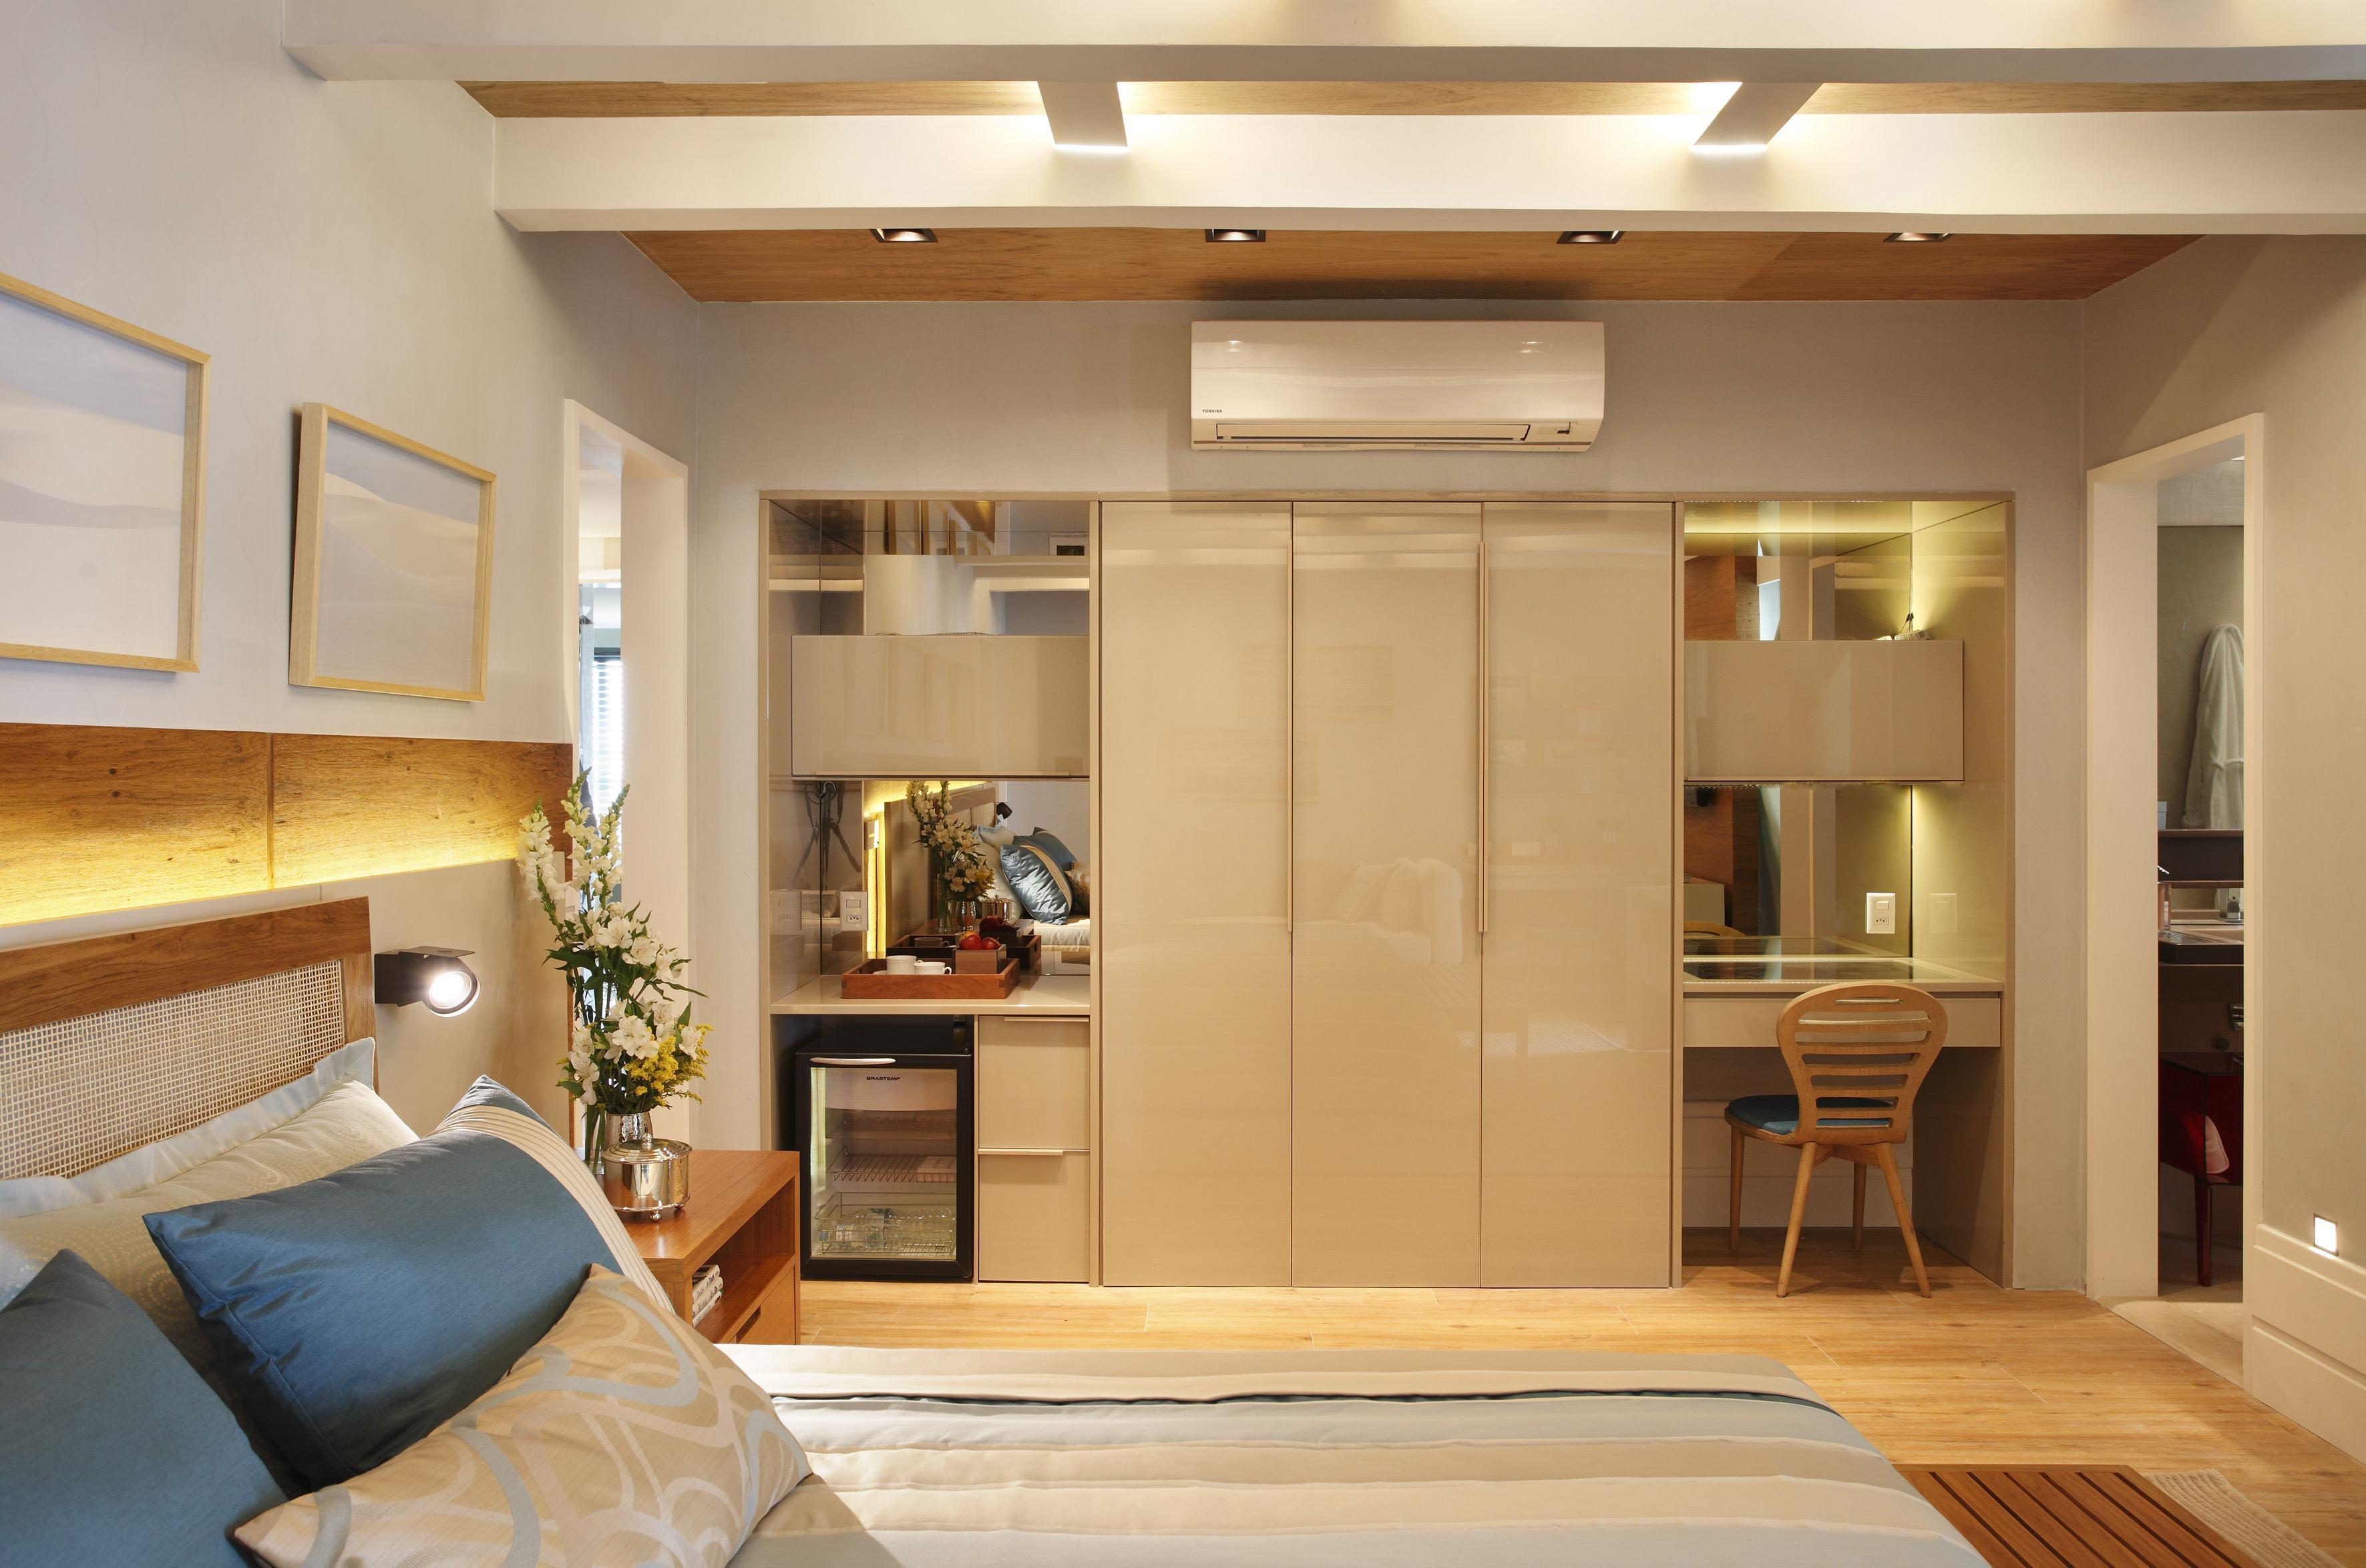 O cantinho do armário ganhou um nicho com espaço para um bar e escrivaninha.